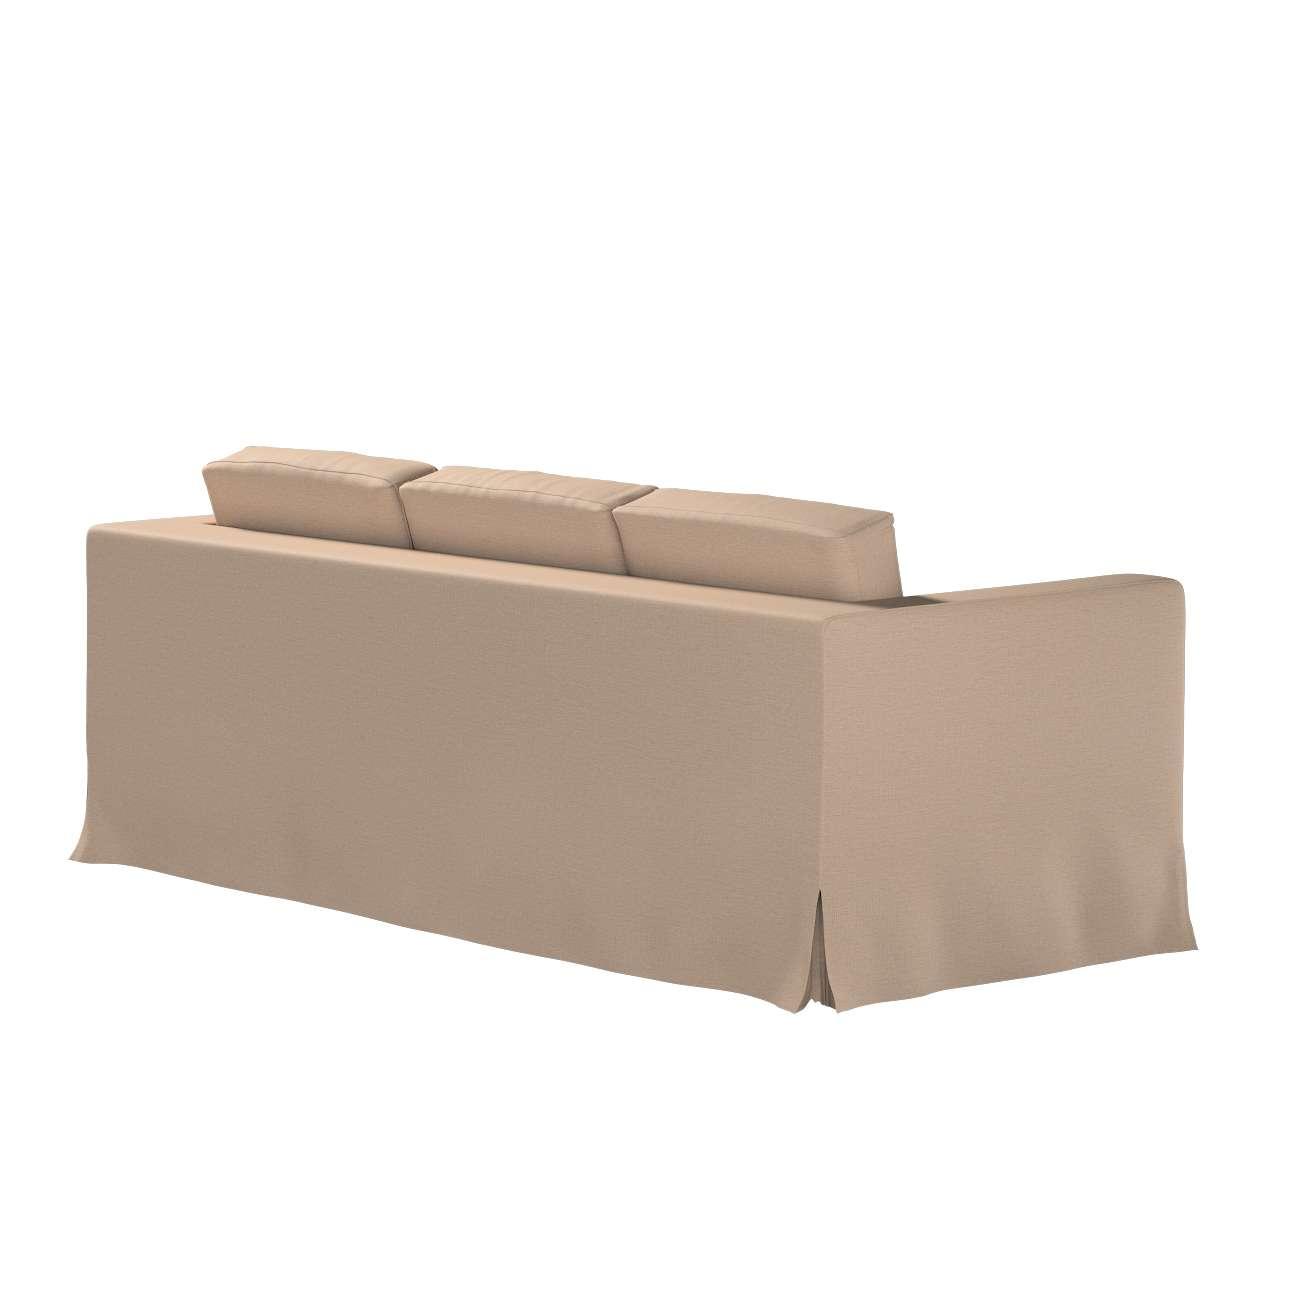 Bezug für Karlanda 3-Sitzer Sofa nicht ausklappbar, lang von der Kollektion Bergen, Stoff: 161-75